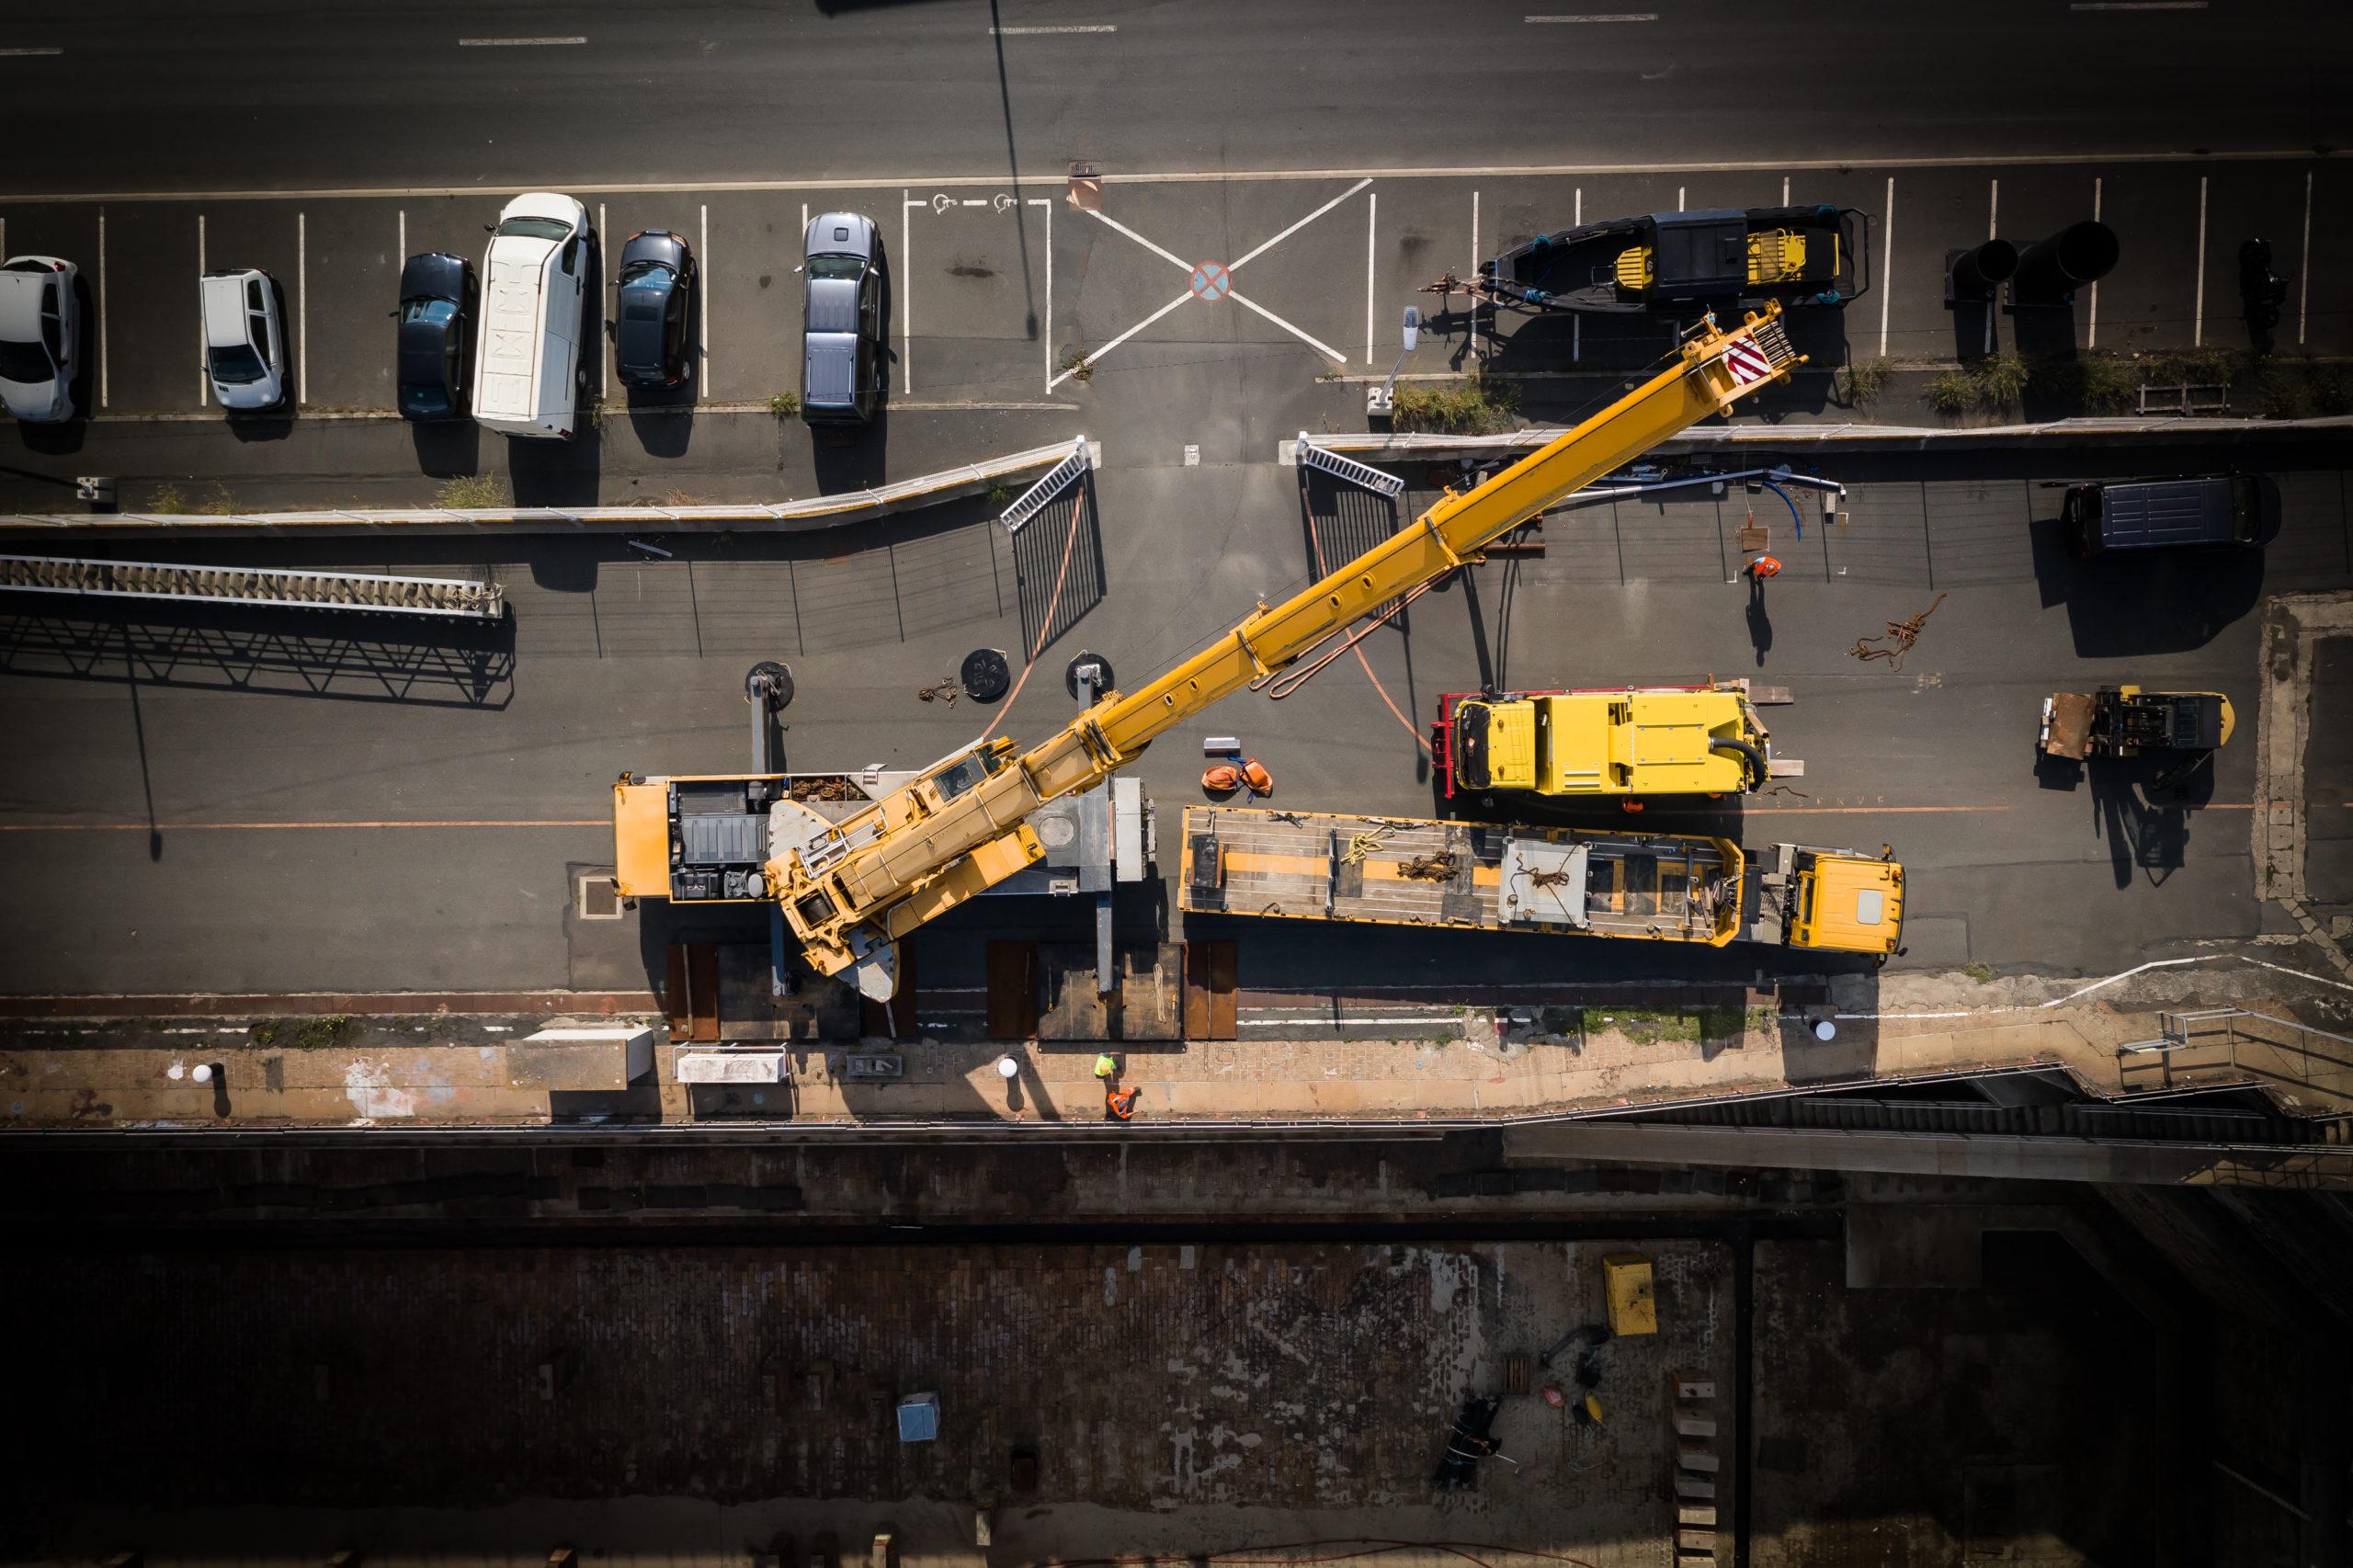 Nettoyage cale sèche – Port ATLANTIQUE La Rochelle